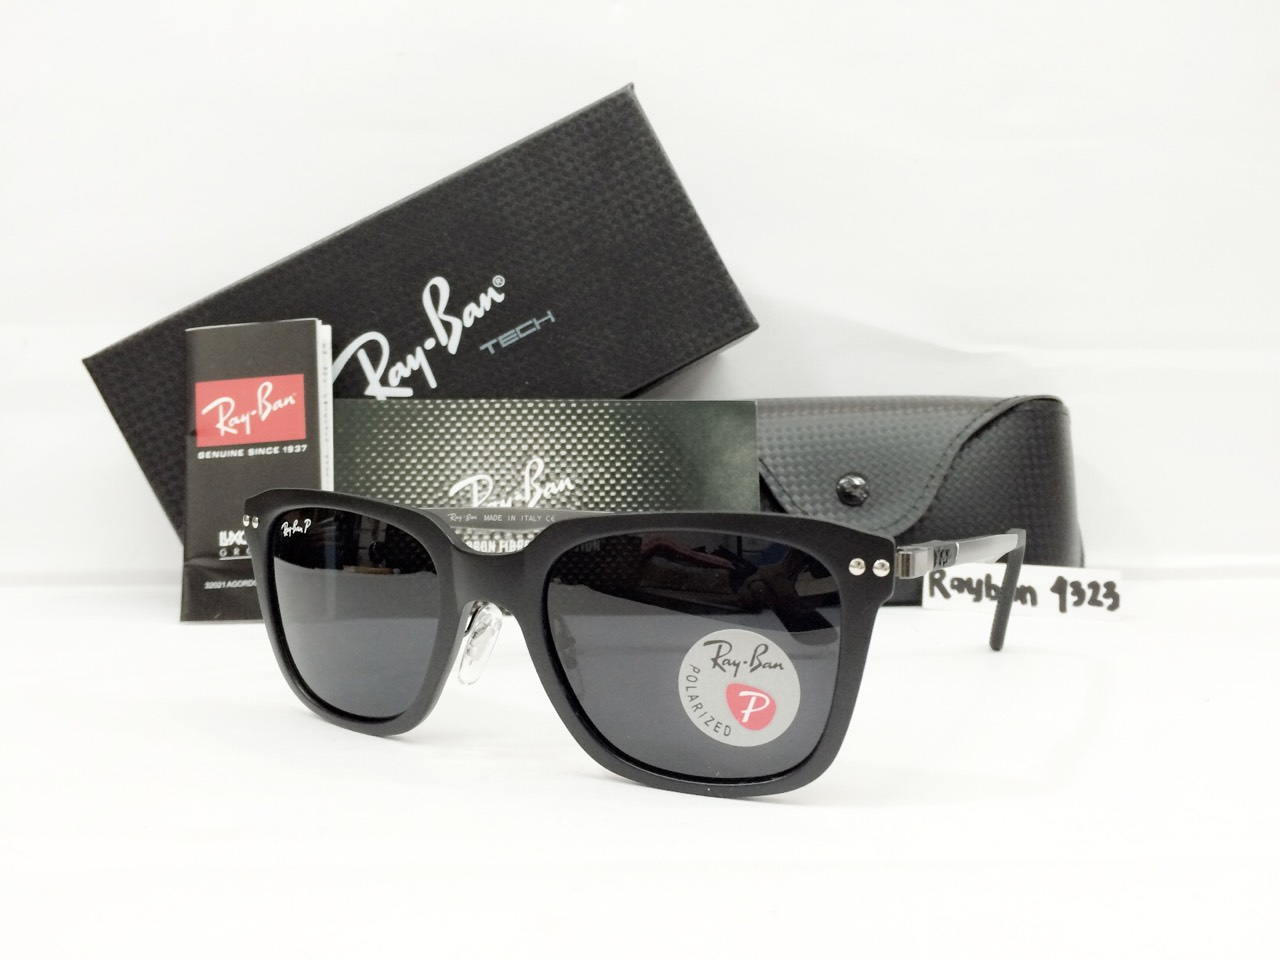 6a39aff61c8 ... coupon for kacamata rayban 4323 polarized box 200 rb e0d95 fd657